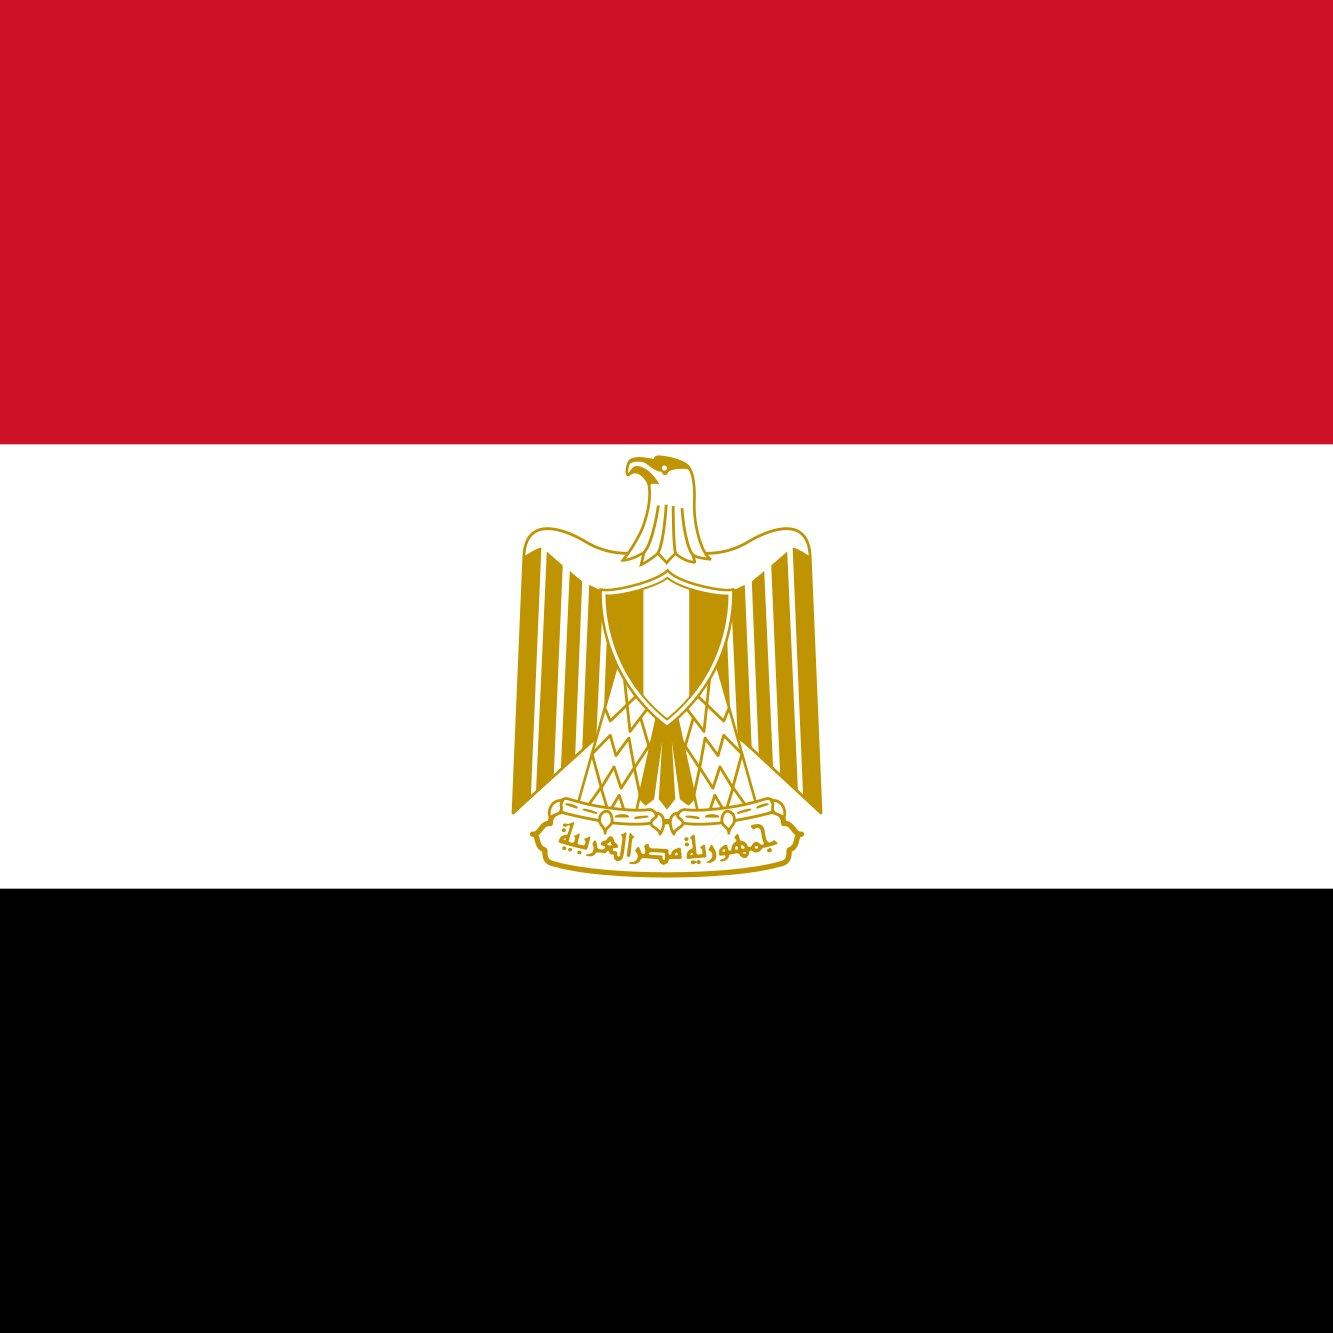 الترند المصري Trend Egypt Twitter